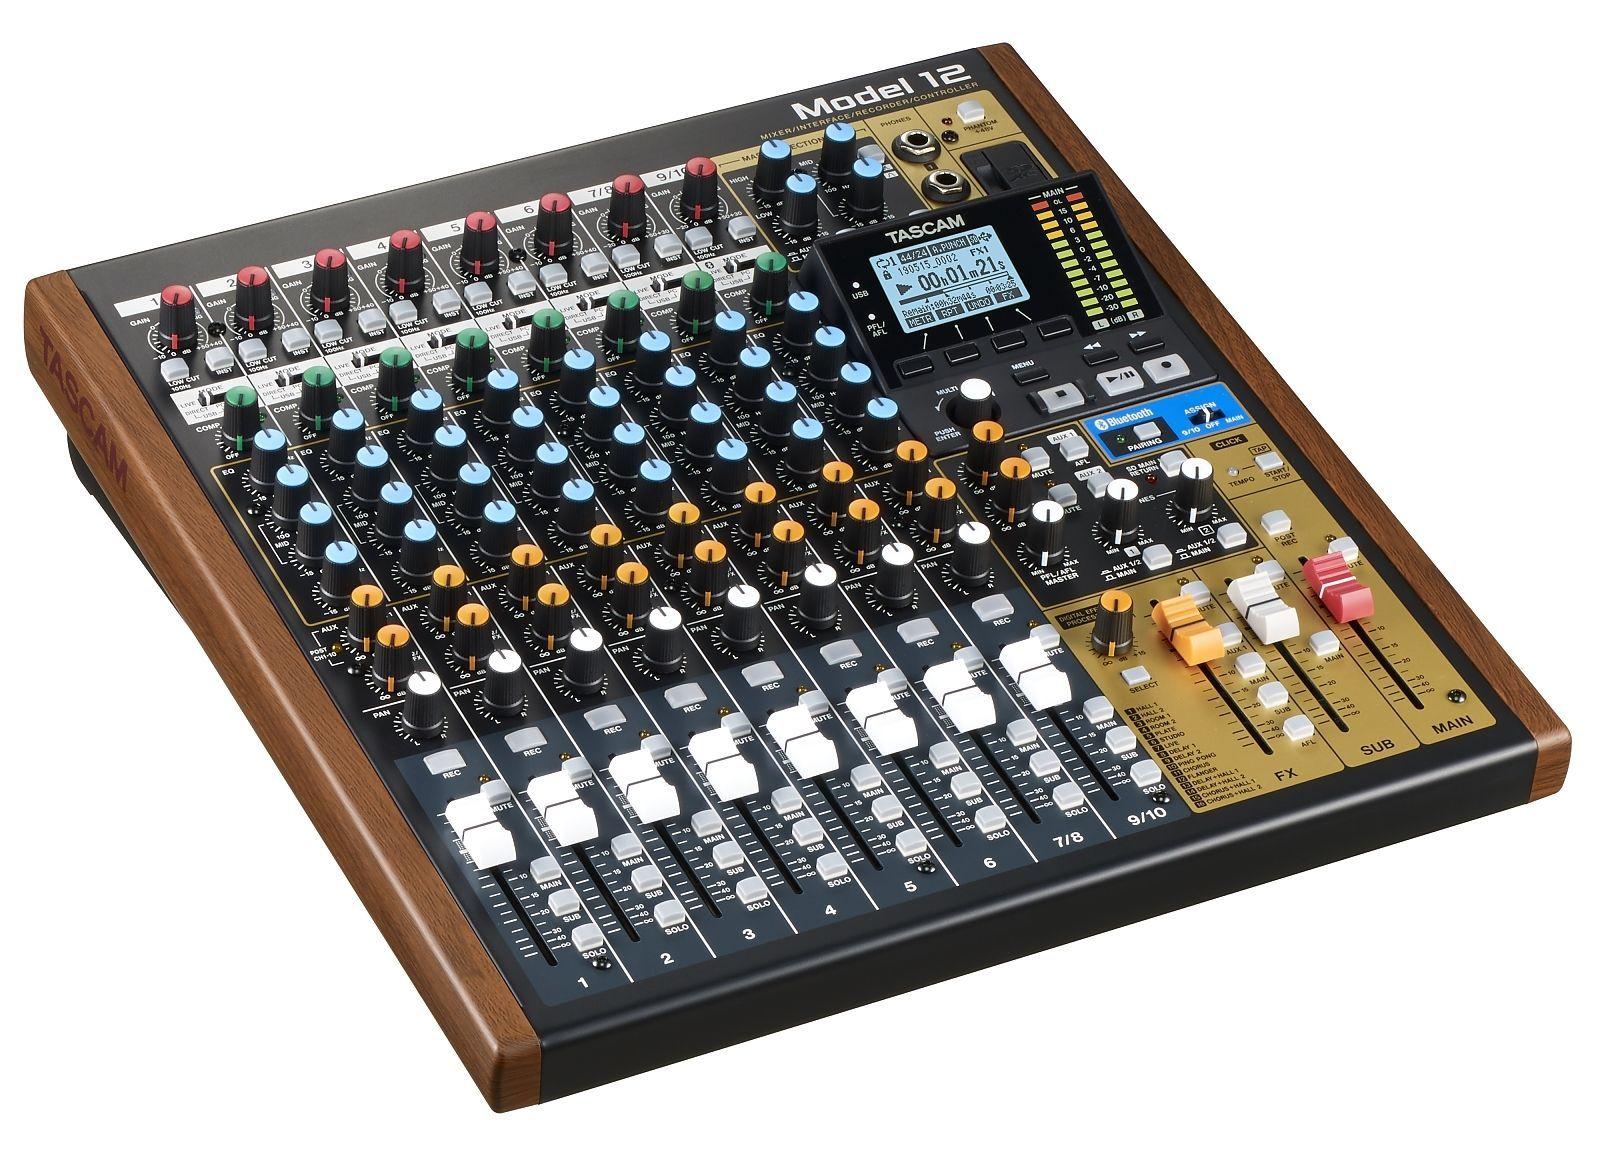 Tascam Model 12 Digitalmixer mit USB Audiointerface, Recorder und DAW-Steuerung